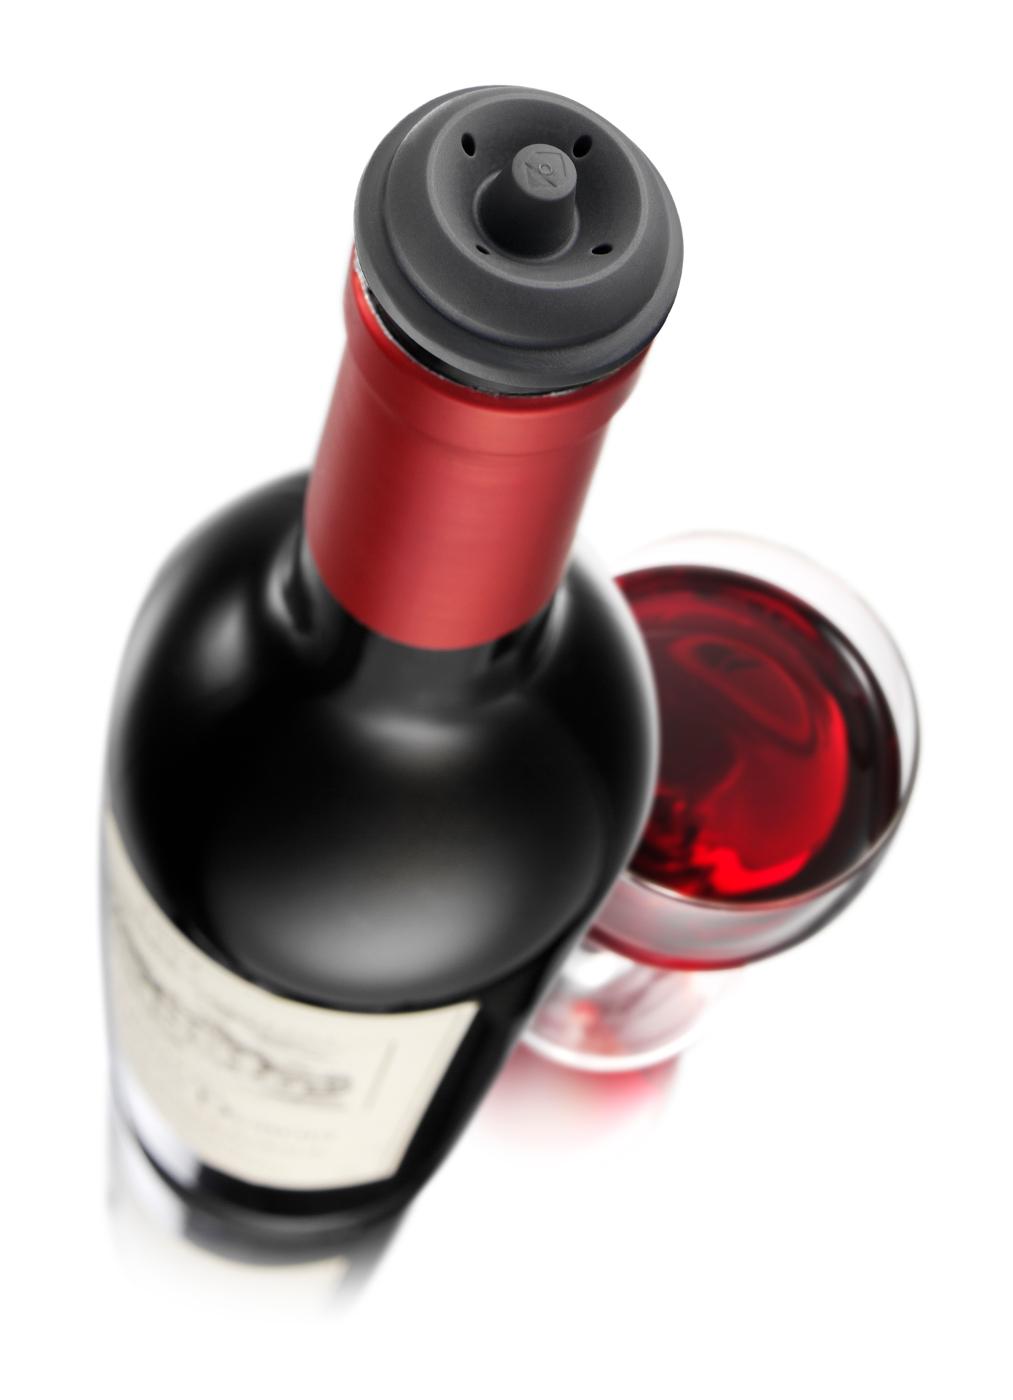 new product 312e6 c161c Vacu Vin Wine Stopper korkit 2 kpl - Crema